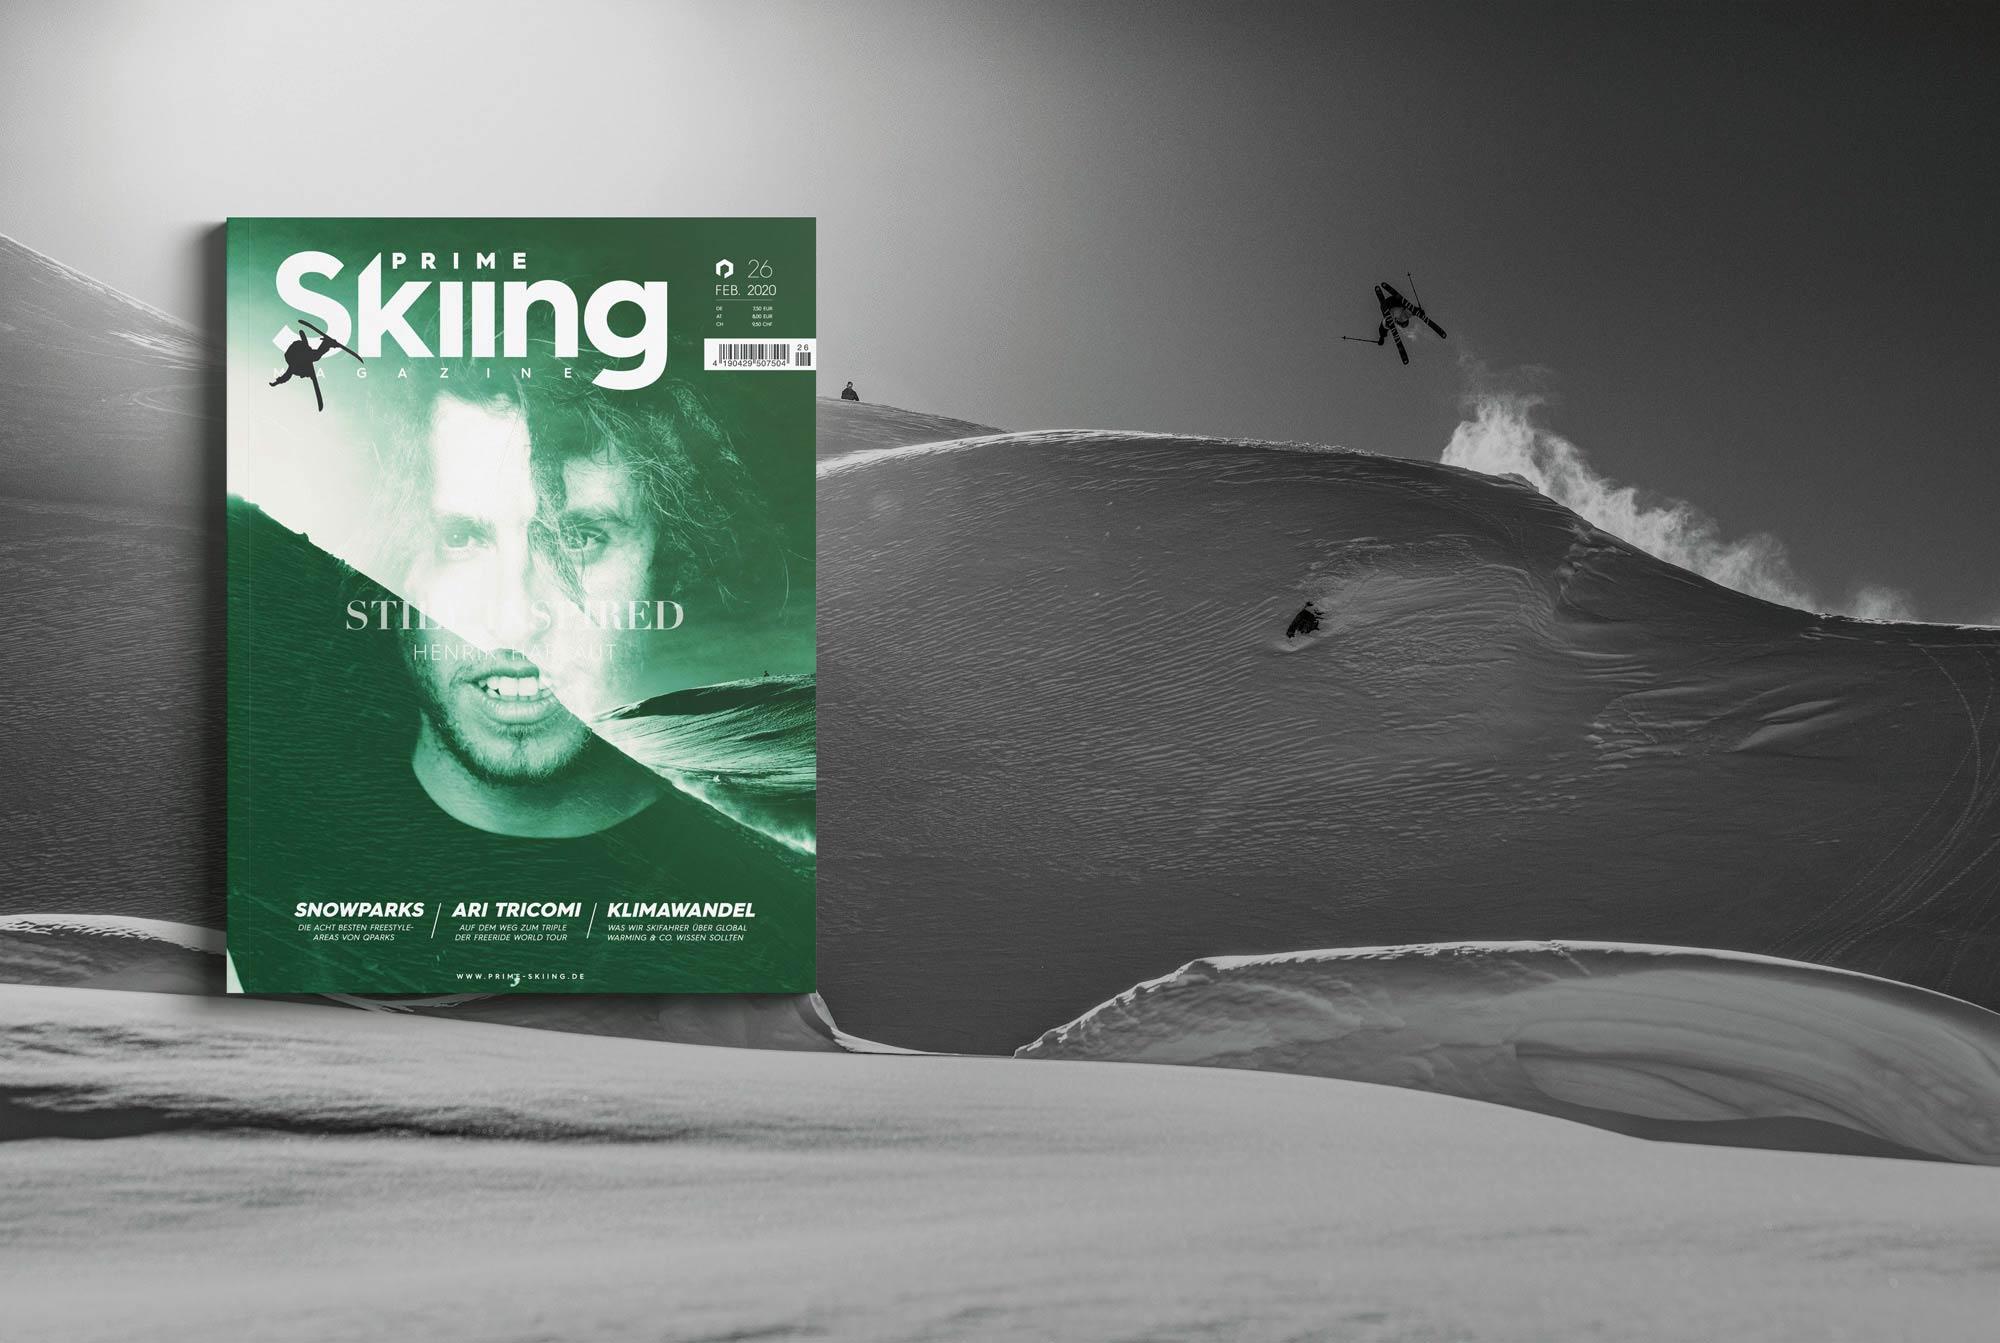 PRIME Skiing #26 – Jetzt am Kiosk!